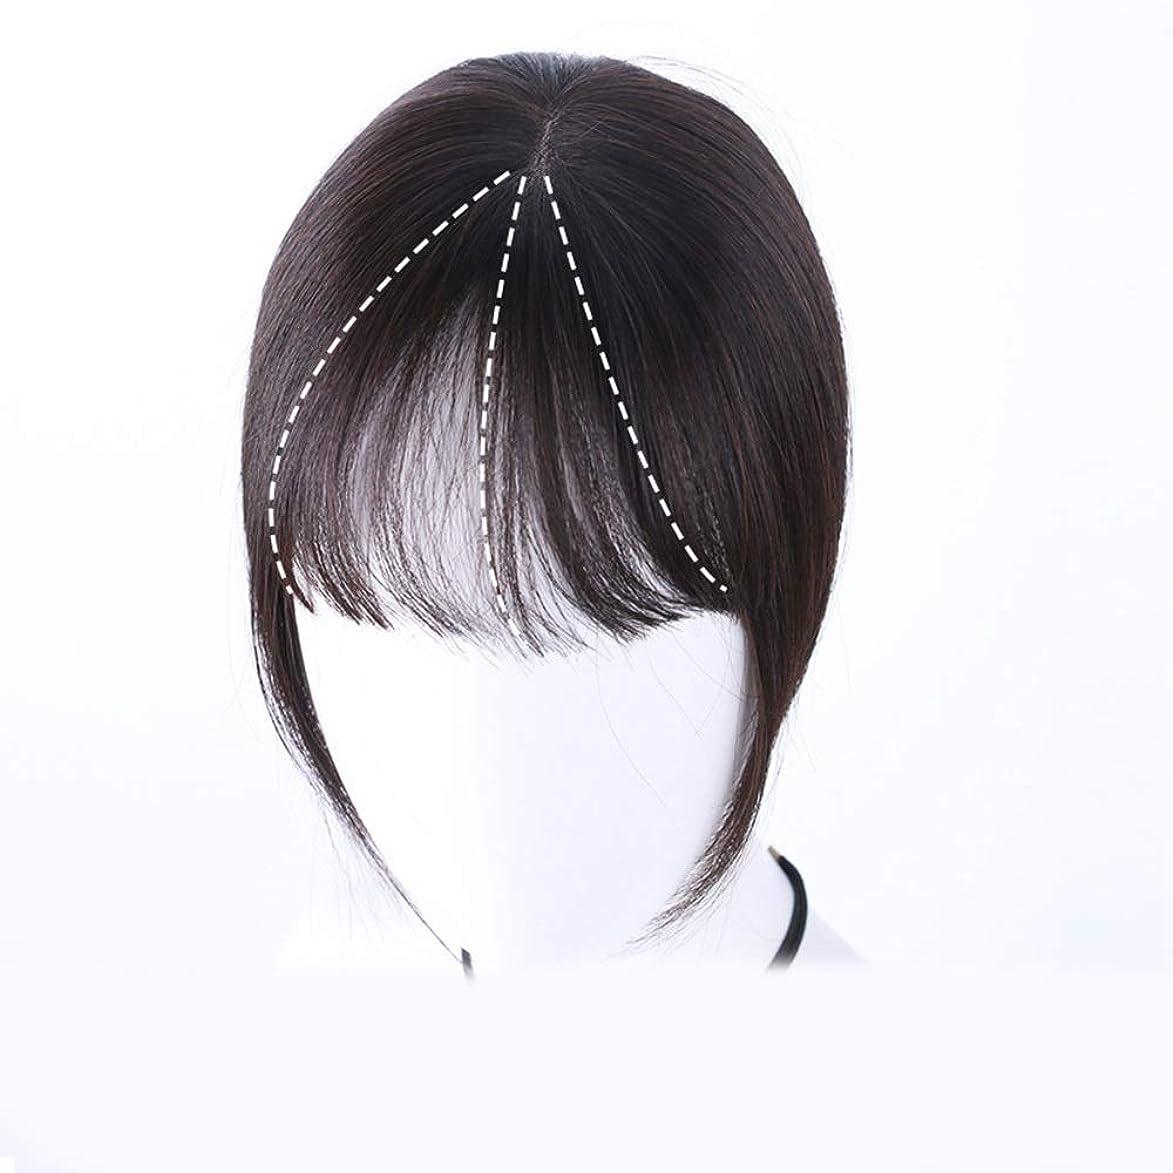 ナインへ自信がある矩形かつら 女性のフルハンド織り前髪リアルヘアウィッグヘアエクステンションヘアエクステンションパーティーかつら (色 : [9x14] 35cm natural black)